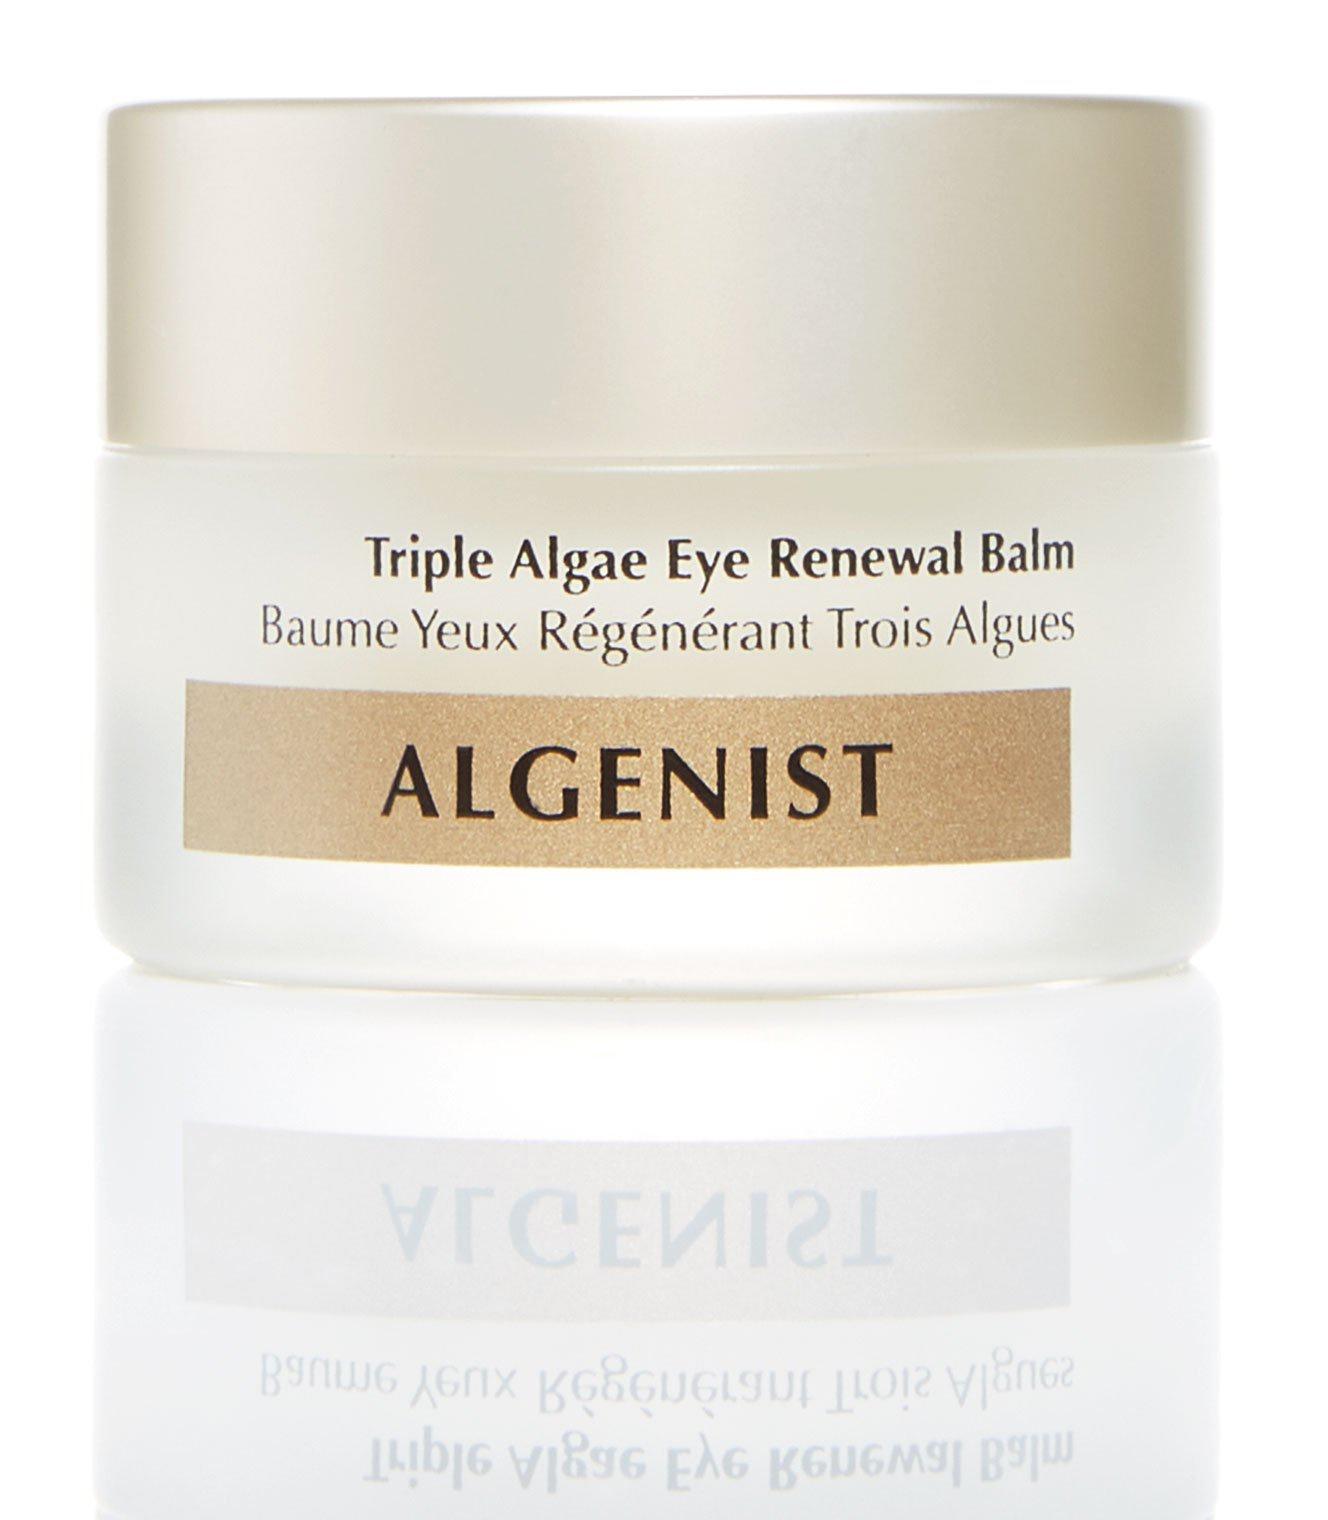 Algenist Triple Algae Eye Renewal Balm